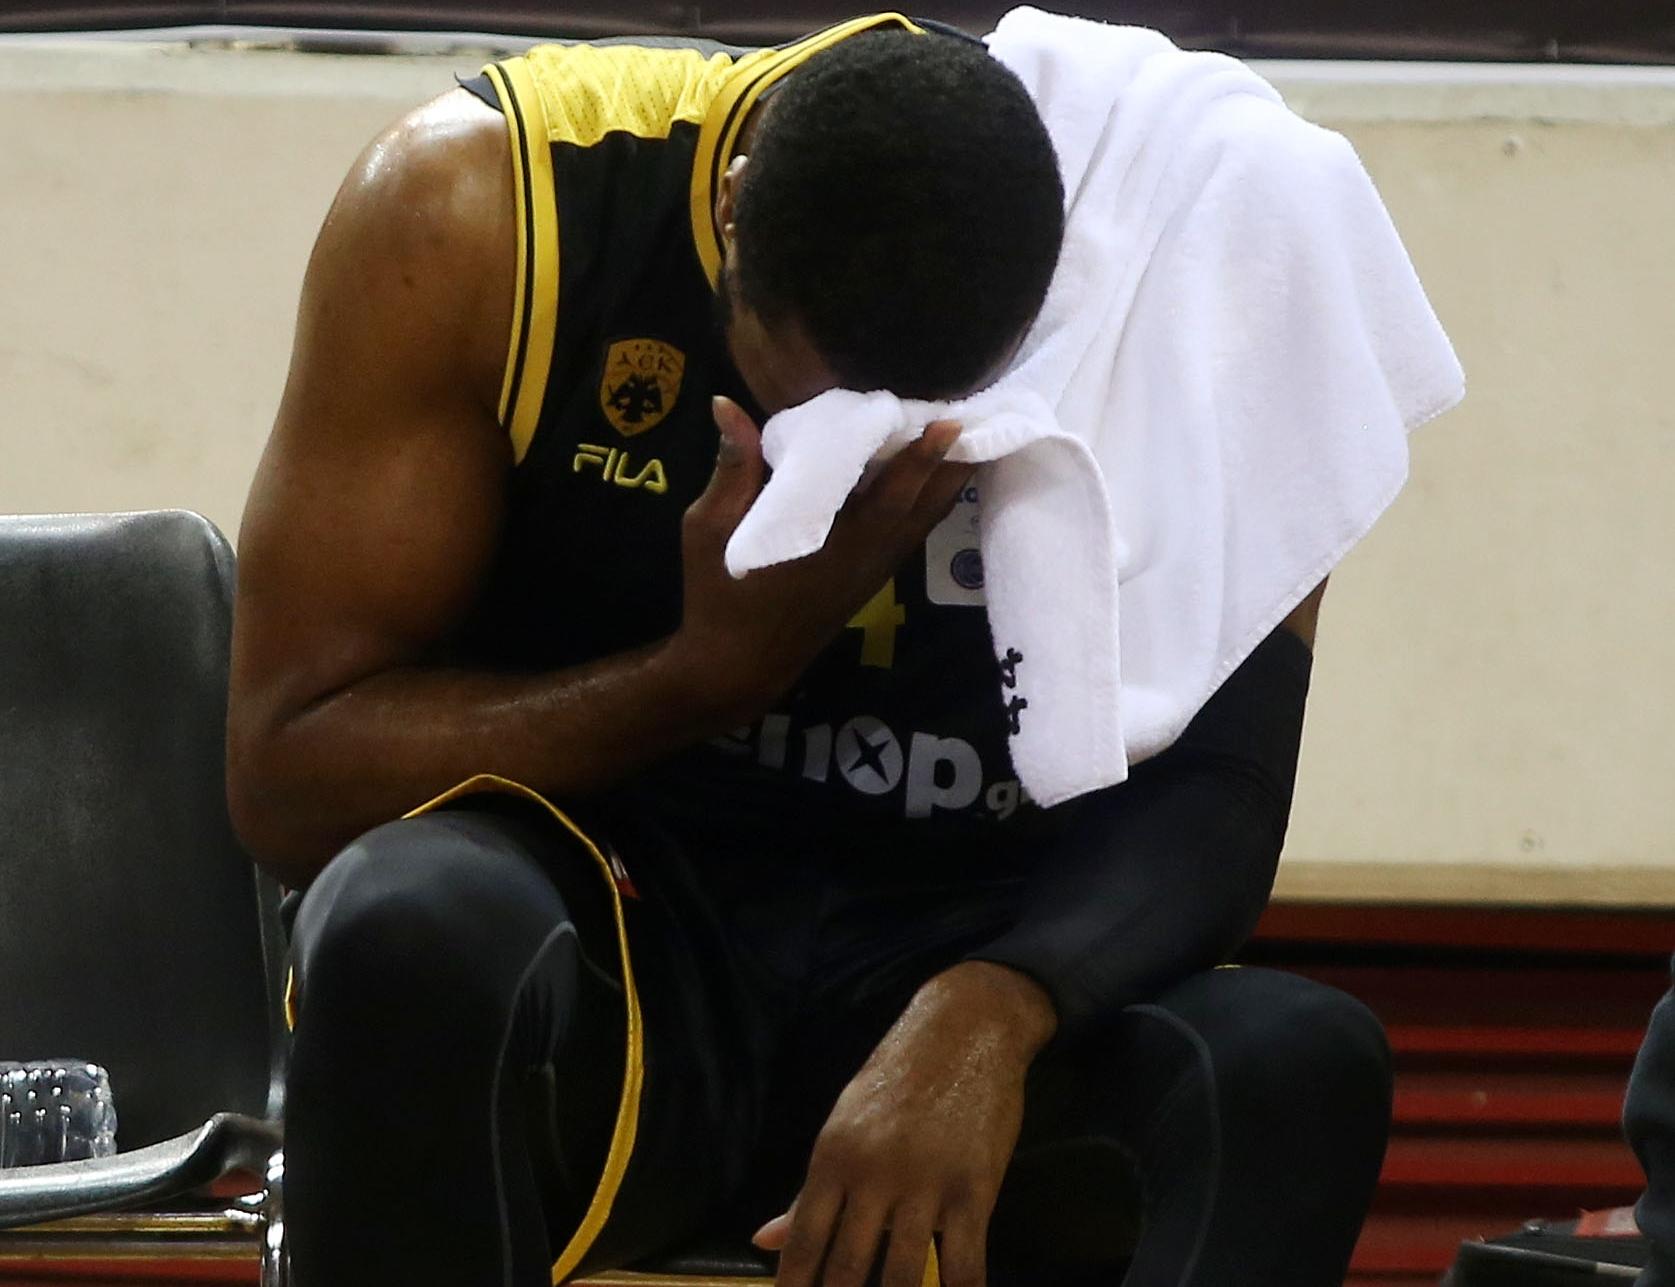 ΑΕΚ: Τραυματίστηκε ο Σλότερ κι αποχώρησε υποβασταζόμενος (pic)